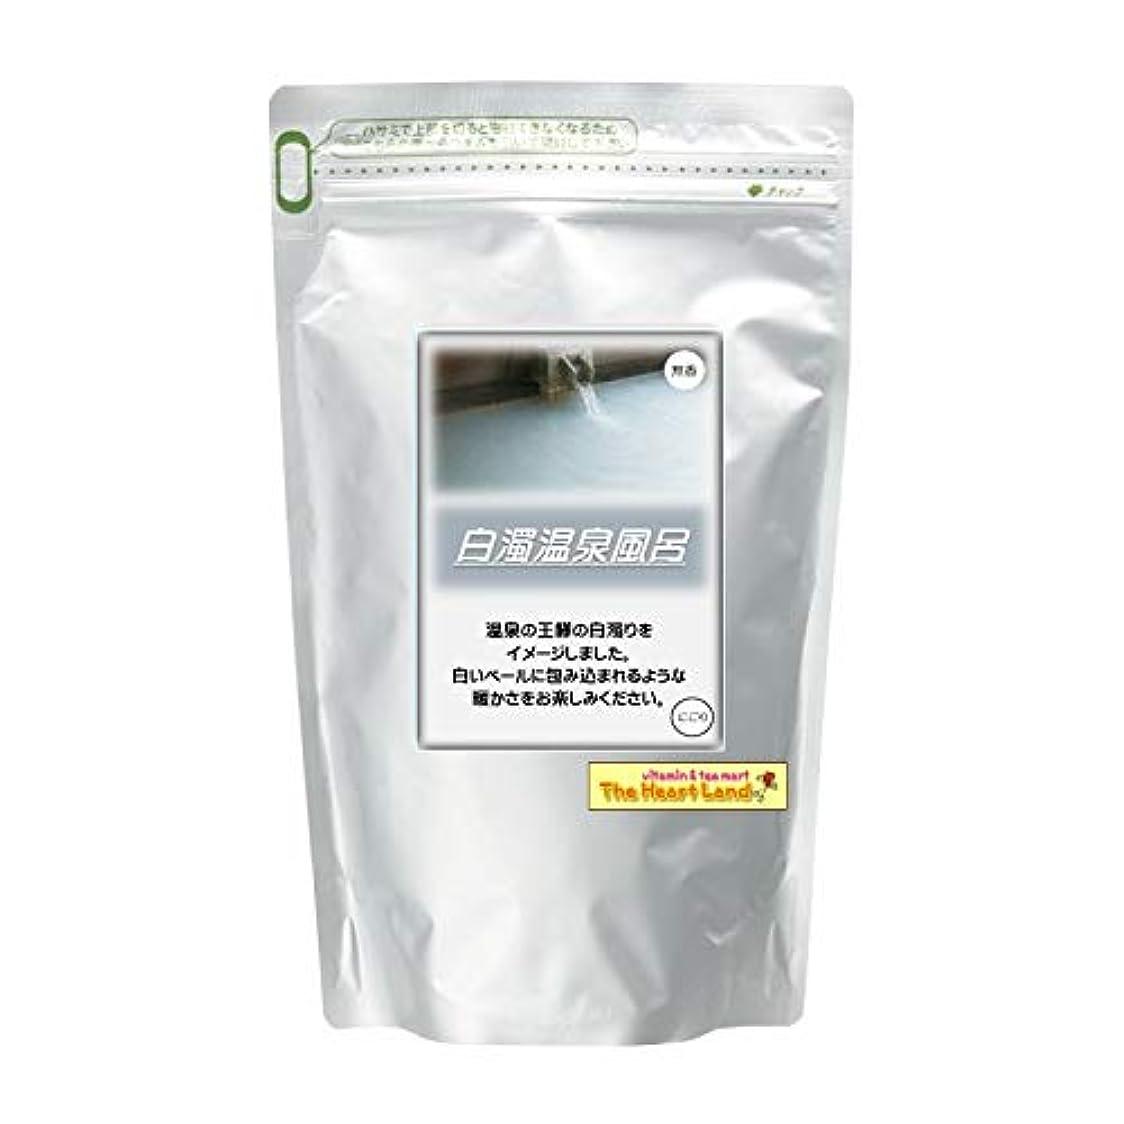 ワークショップ冷蔵する中世のアサヒ入浴剤 浴用入浴化粧品 白濁温泉風呂 300g